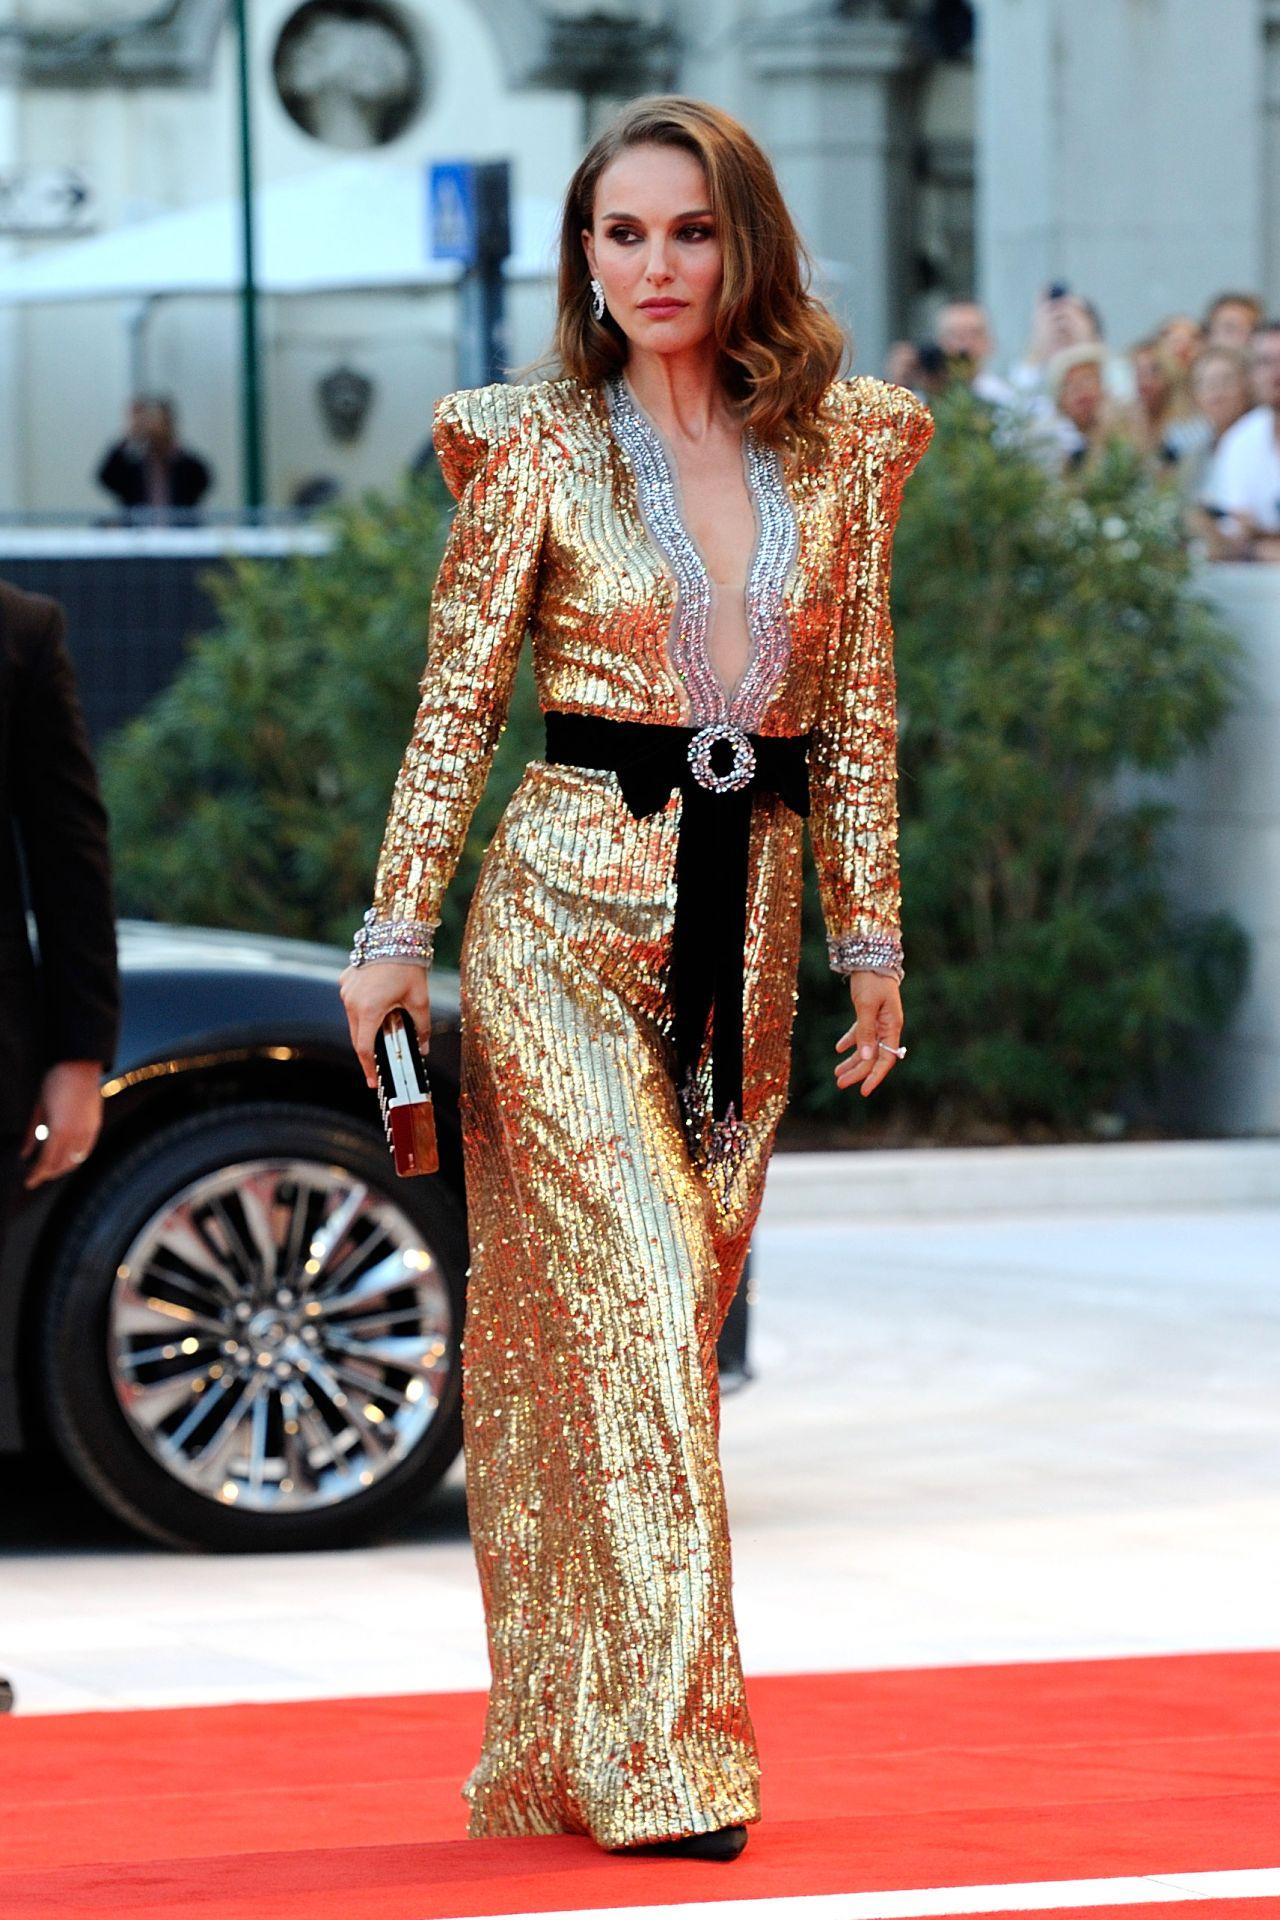 Natalie Portman Quot Vox Lux Quot Red Carpet At Venice Film Festival